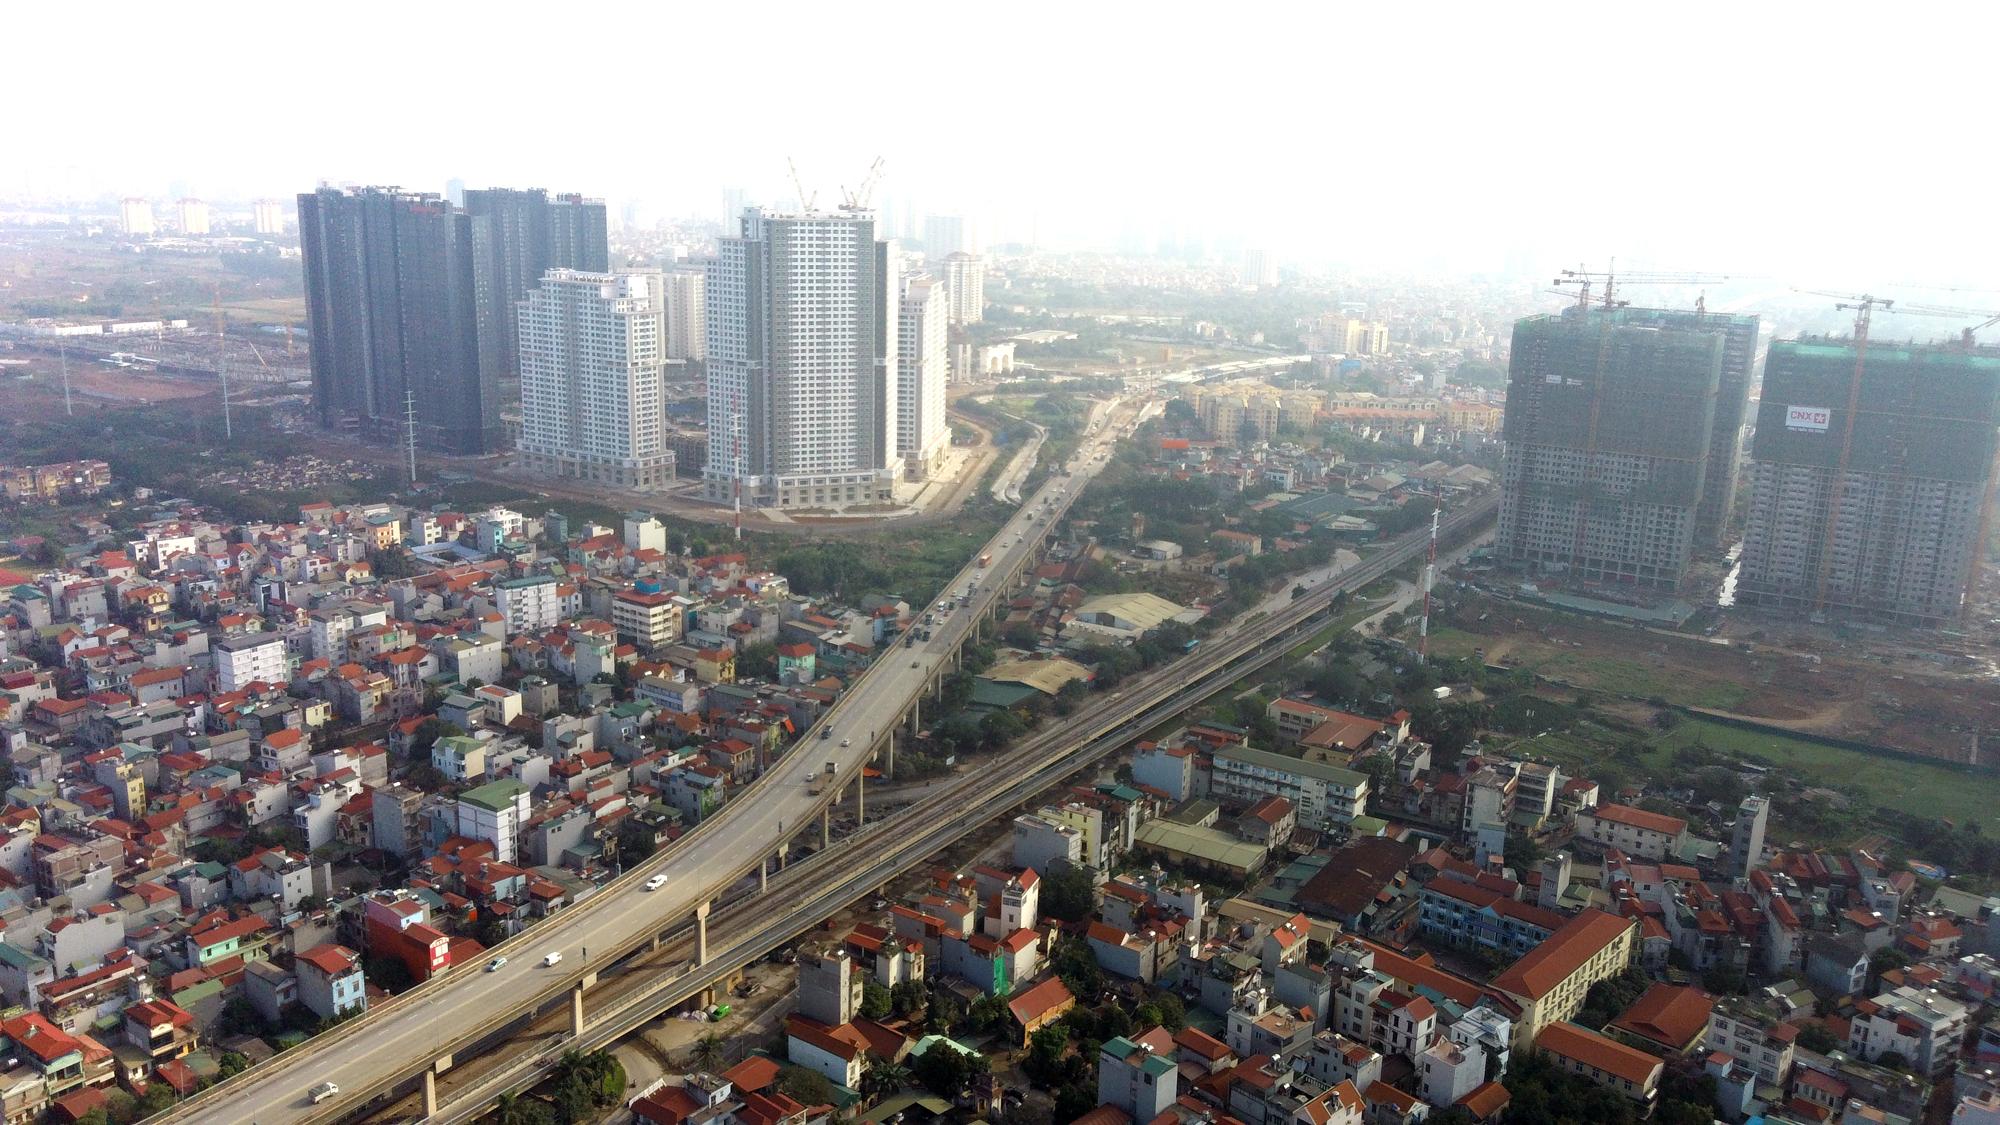 3 đường sẽ mở theo qui hoạch ở phường Xuân Đỉnh, Bắc Từ Liêm - Ảnh 10.